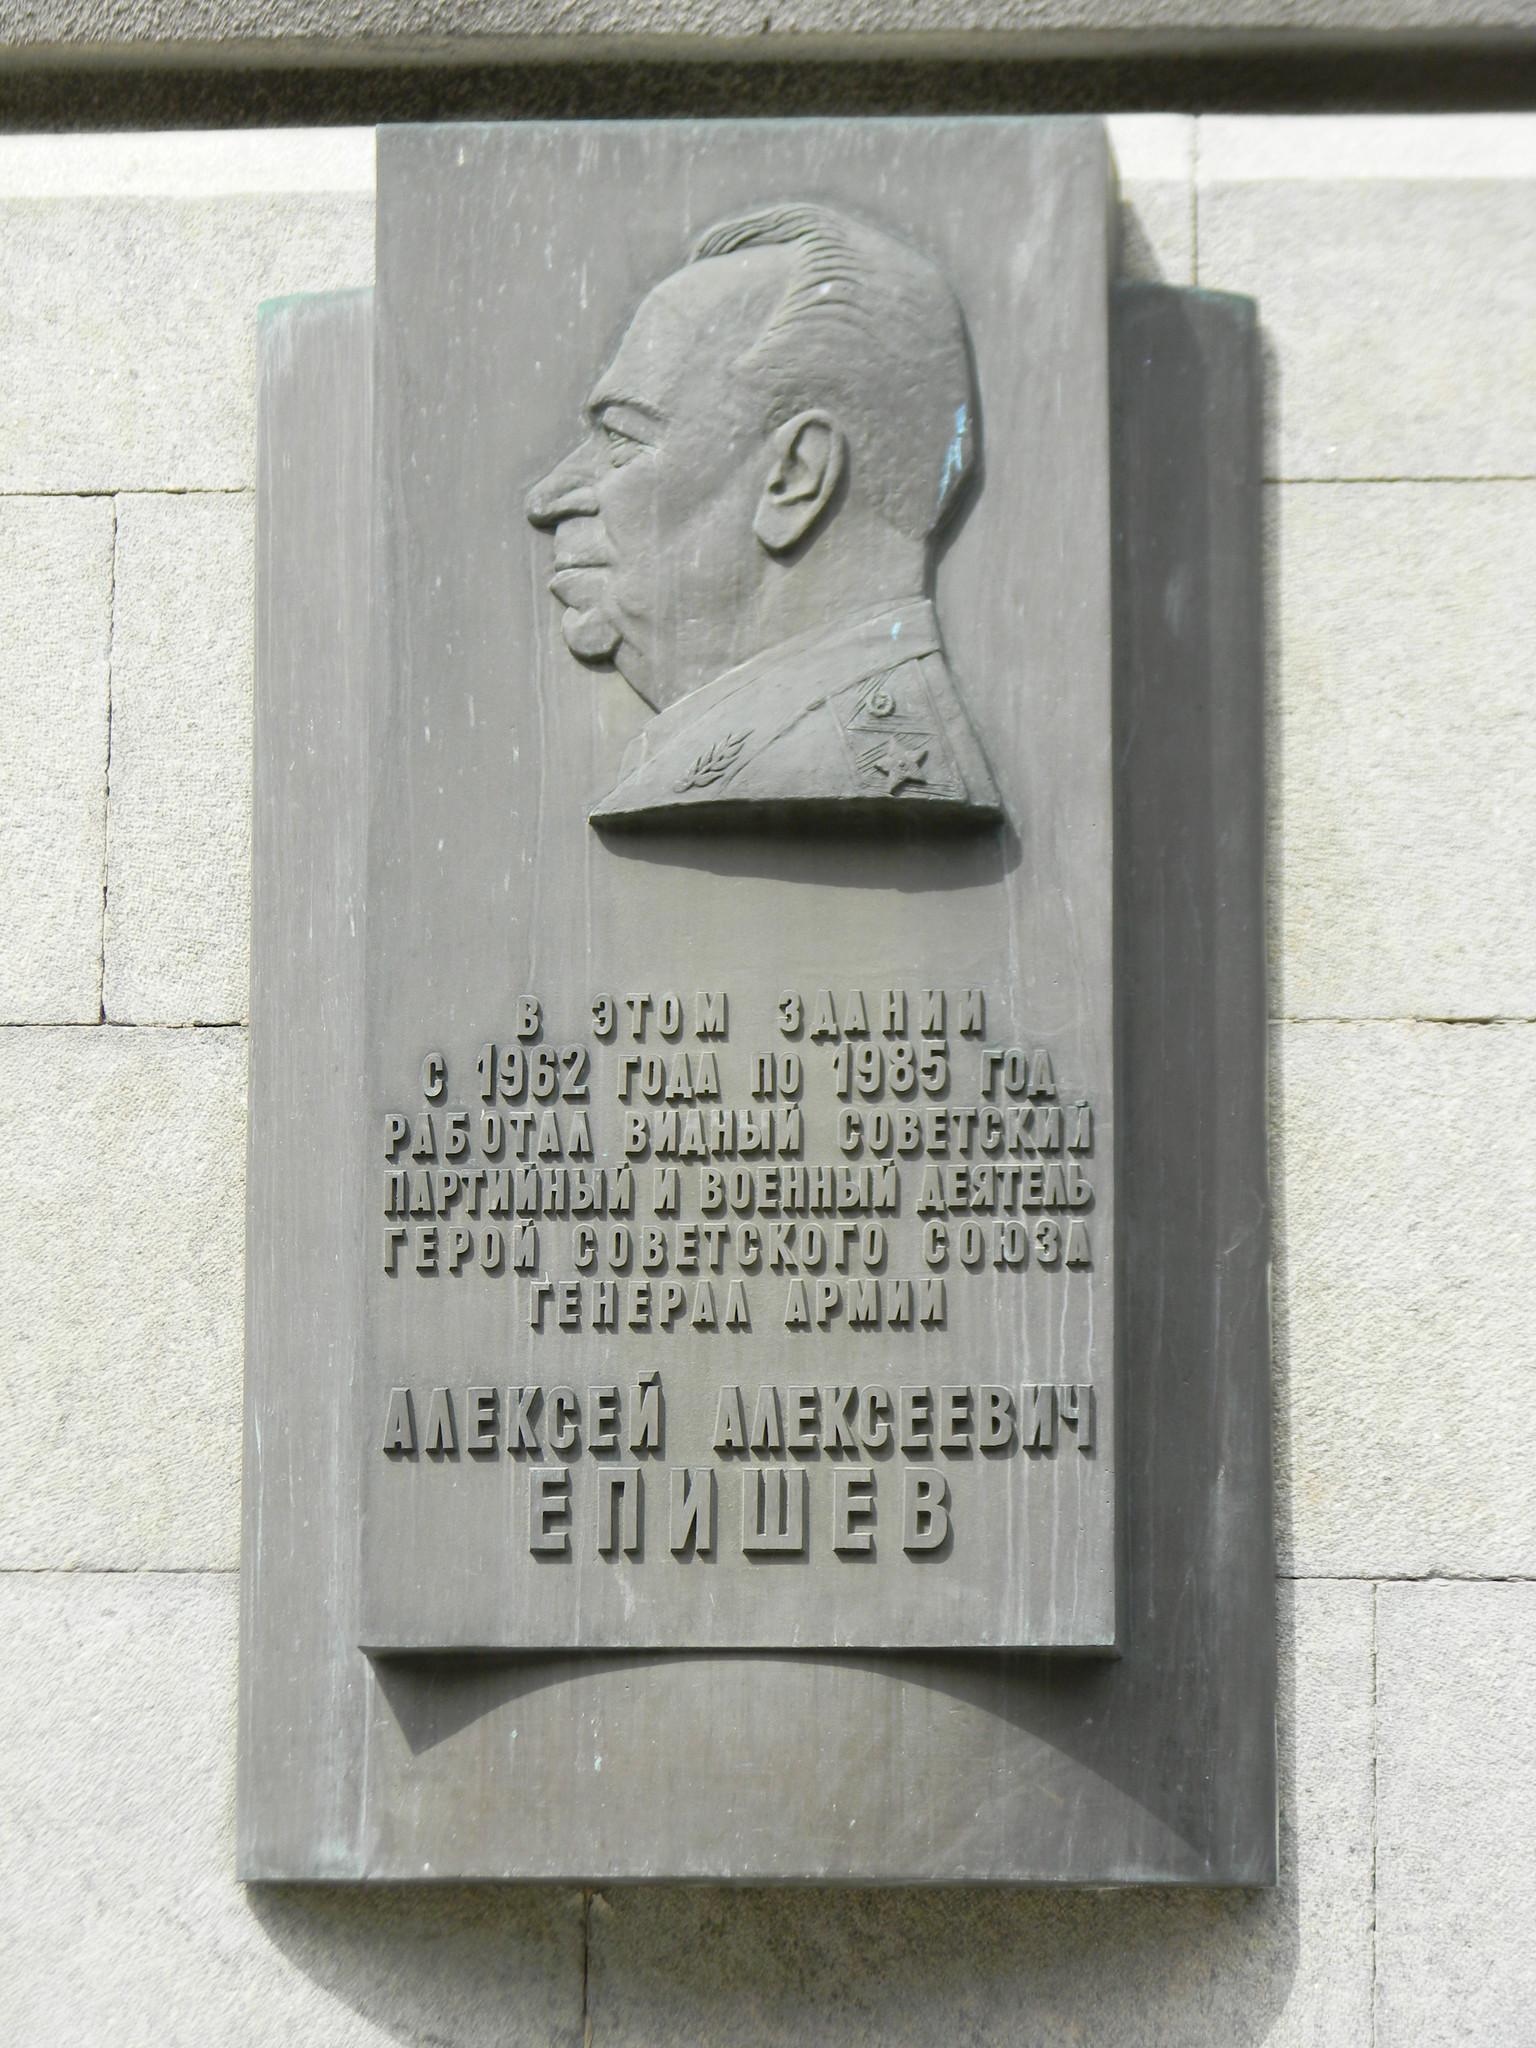 Мемориальная доска на доме (Колымажный переулок, дом 14/1), где с 1962 года по 1985 год работал Герой Советского Союза Алексей Алексеевич Епишев